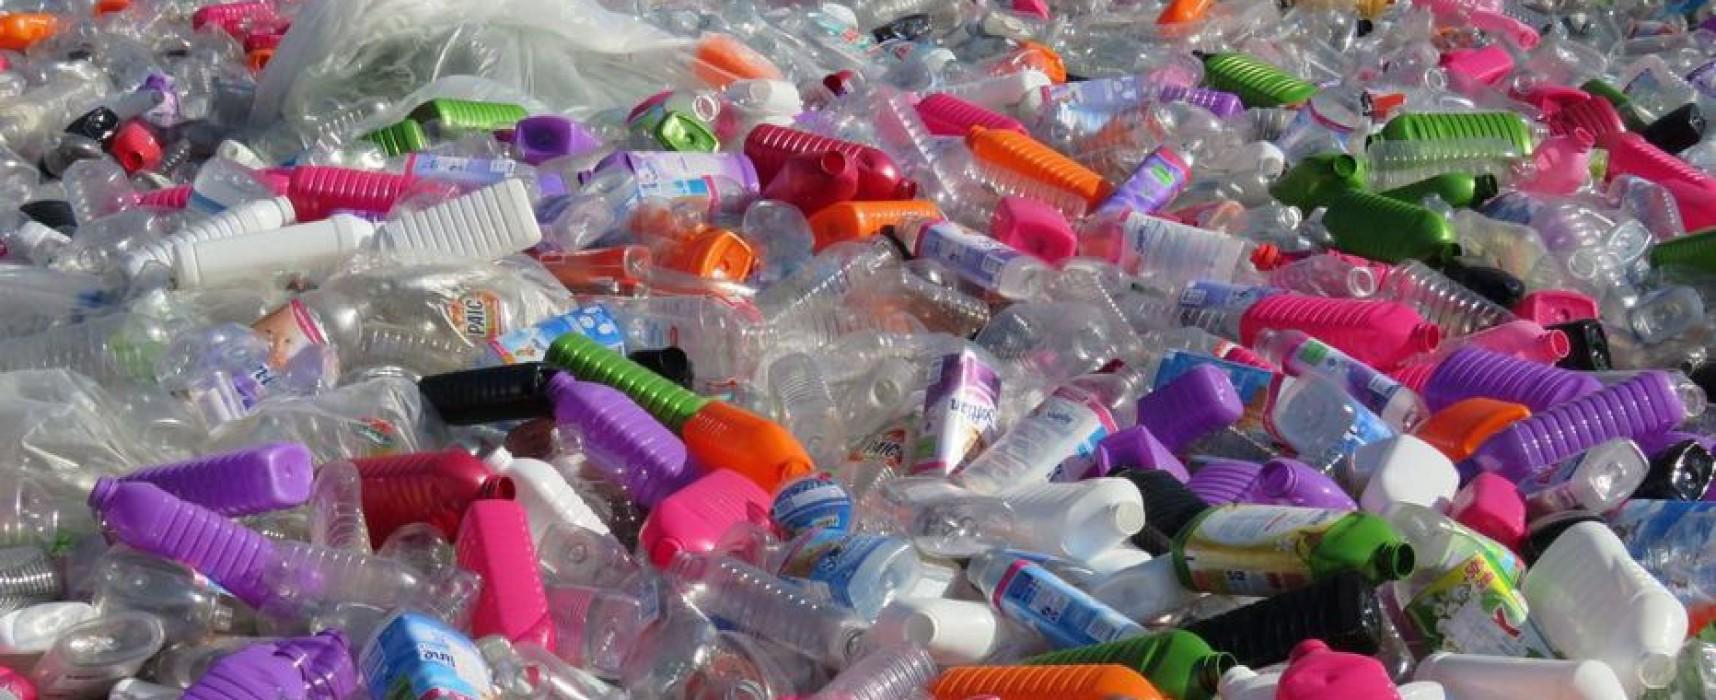 [Recherche] La ressourcerie Court-Circuit recherche des bouteilles en plastique colorées